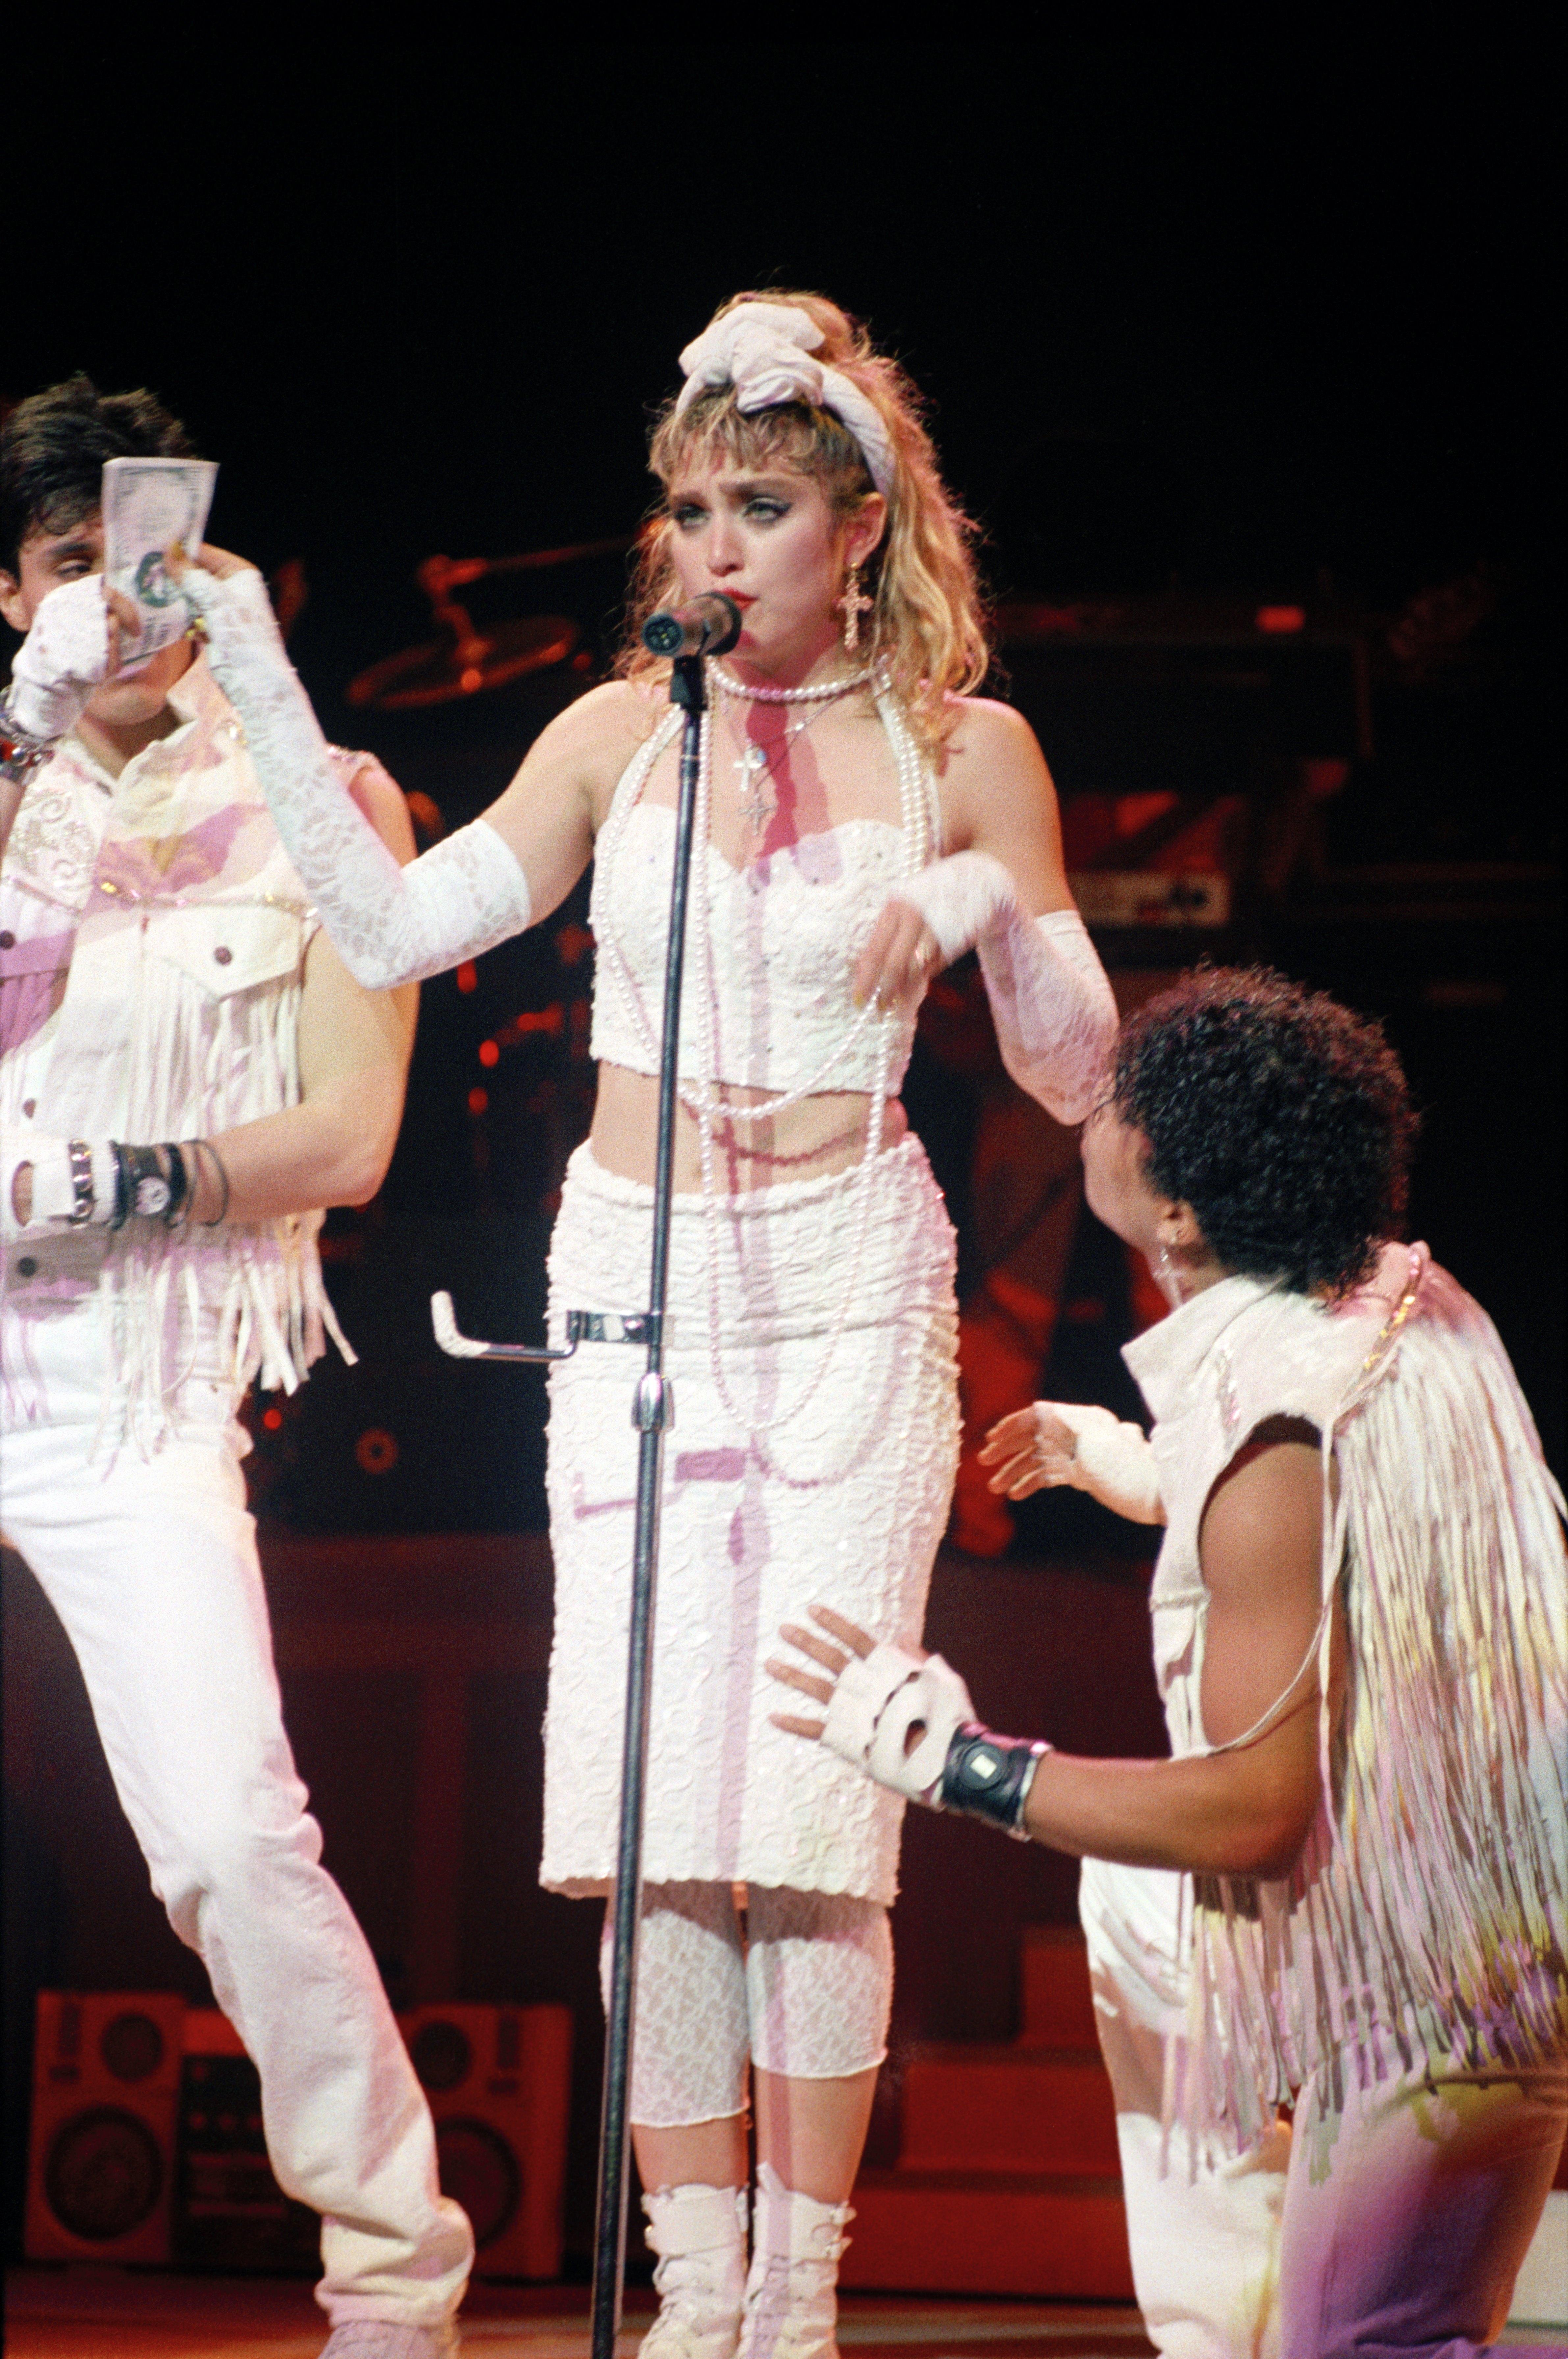 Le 10 migliori hit di Madonna